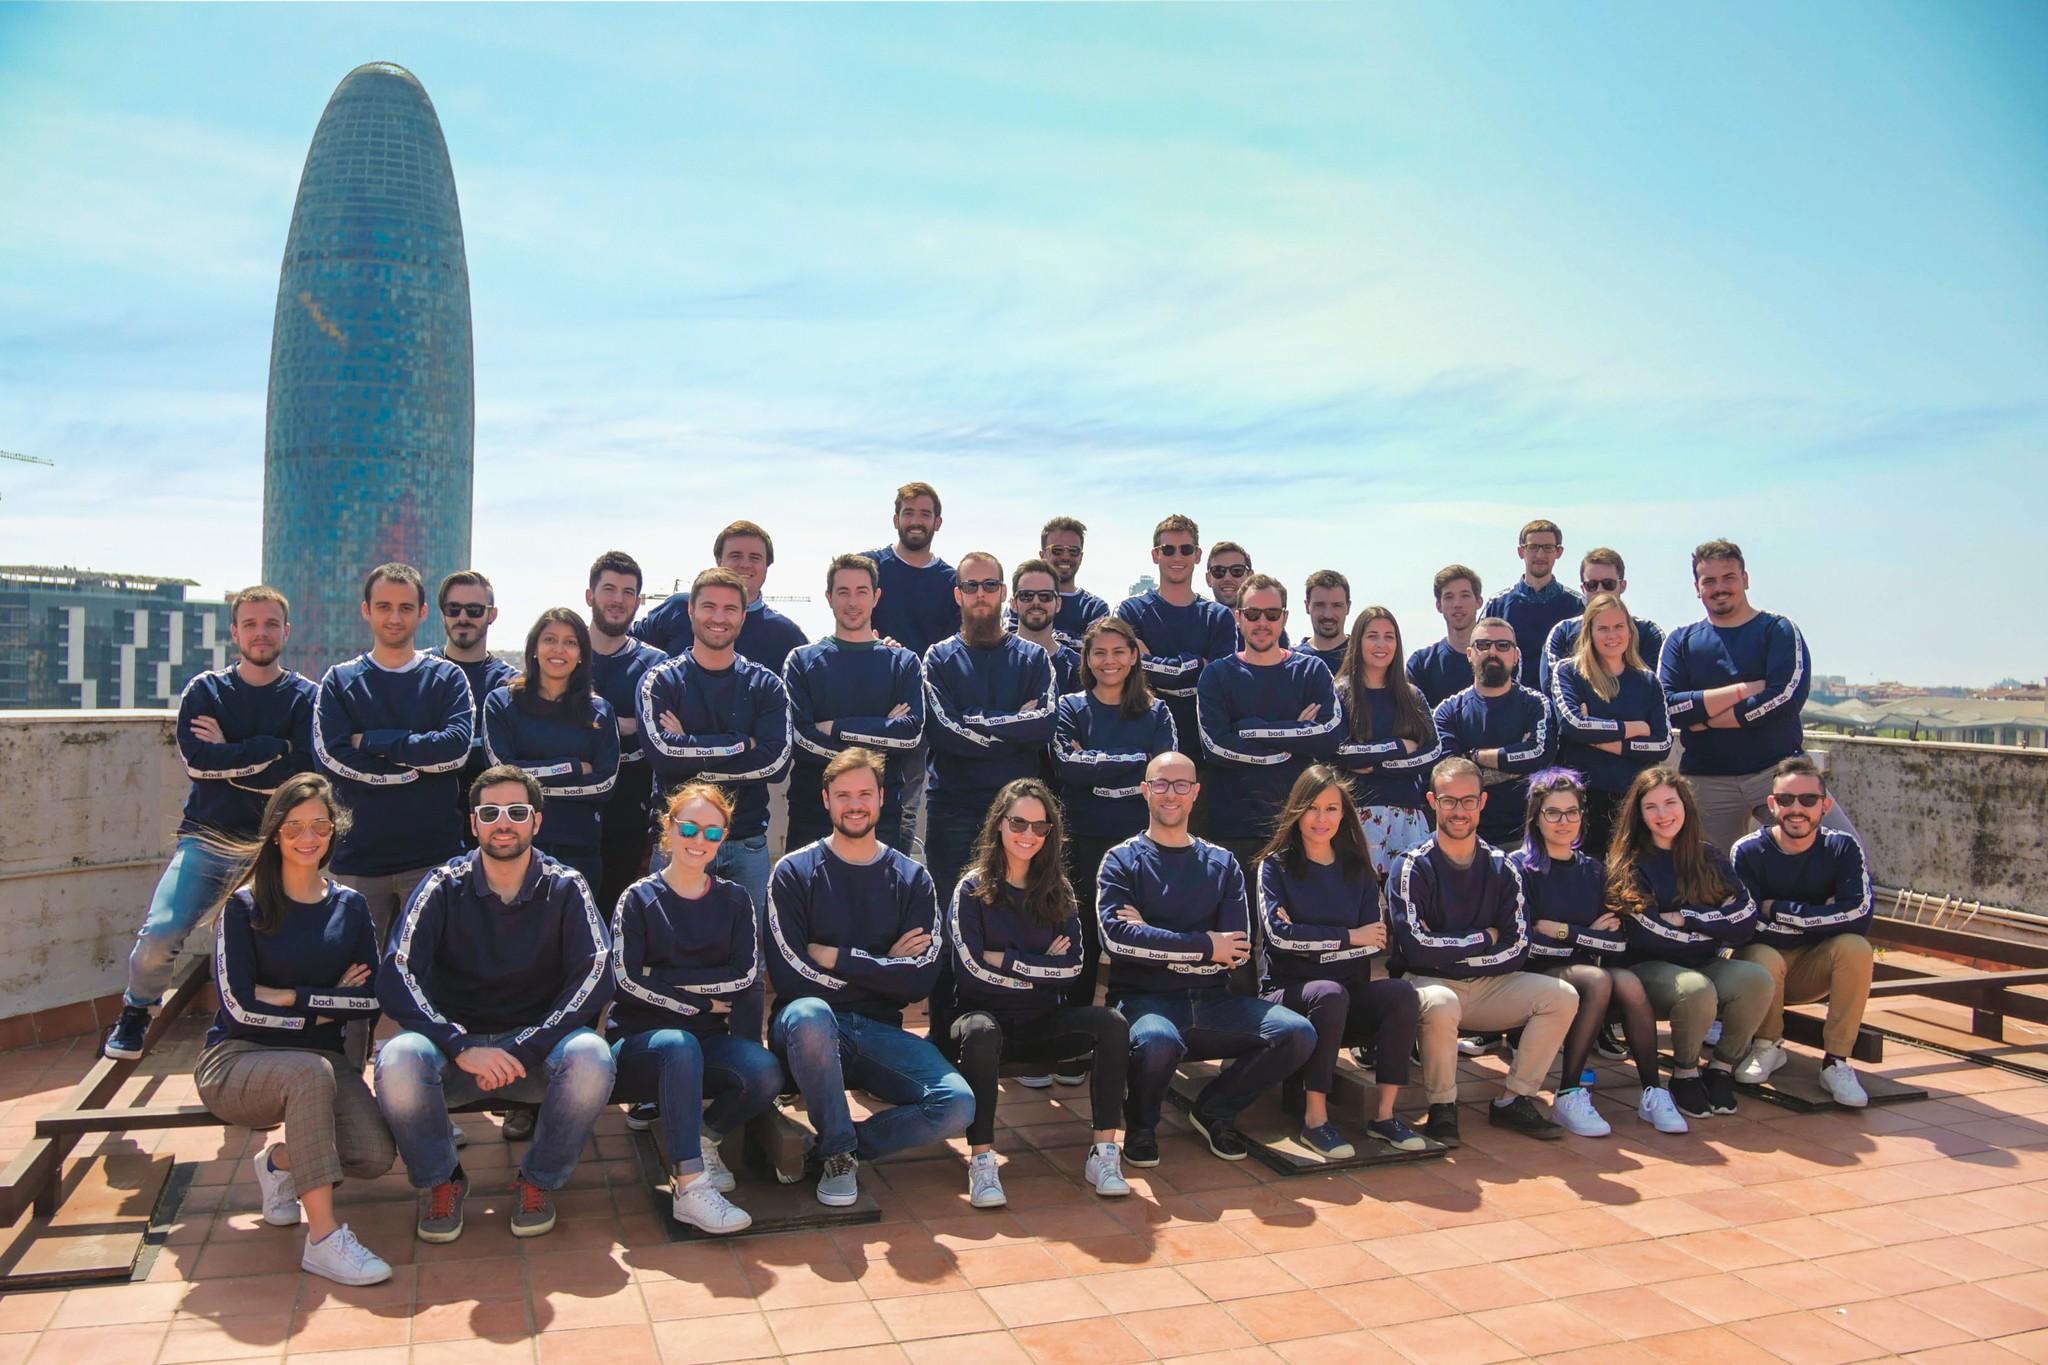 Equipo de Badi start up con sede en Barcelona BADI